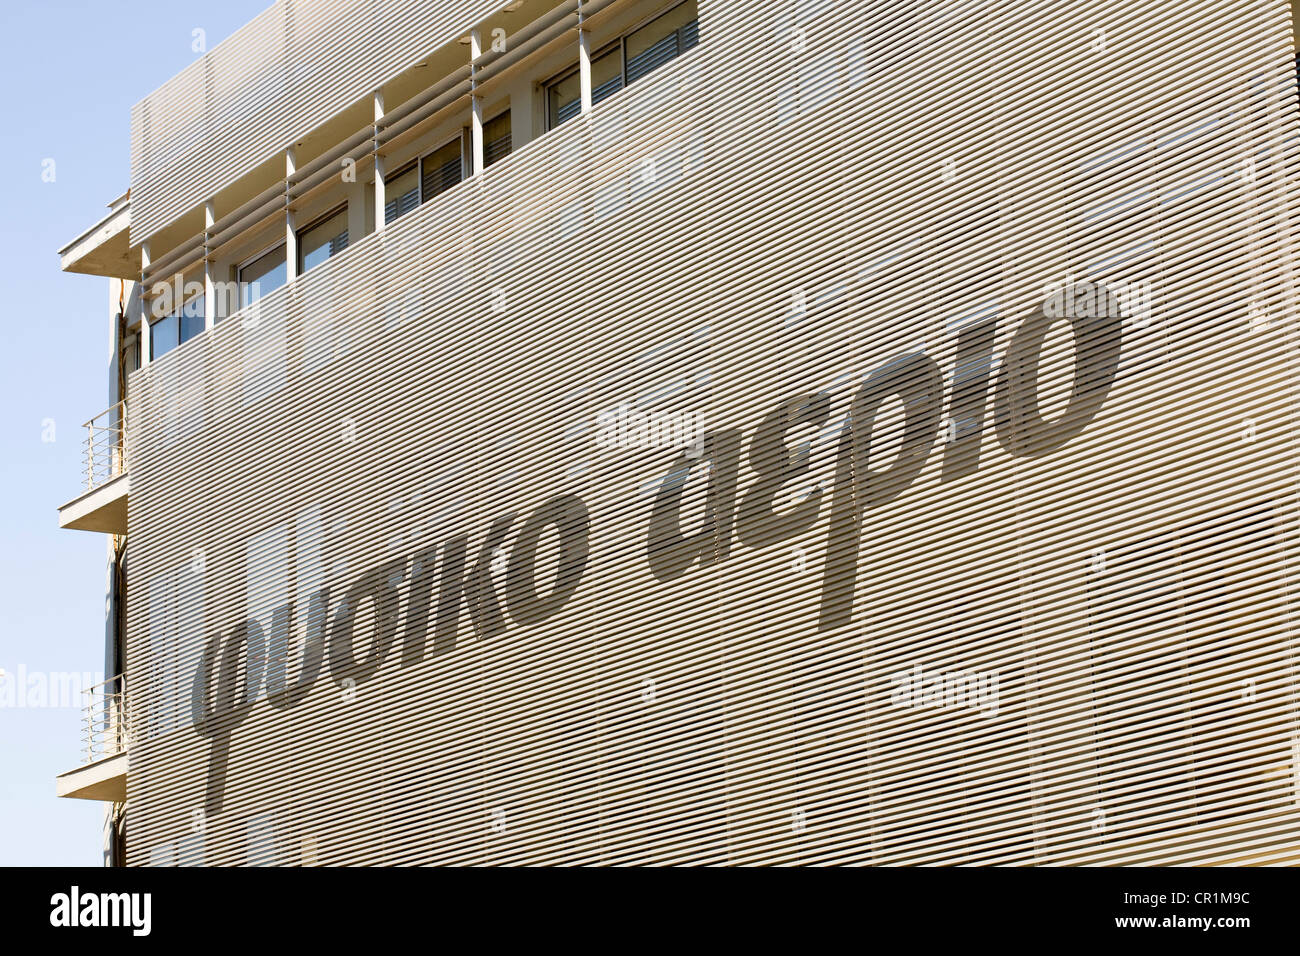 Greece, Attica, Athens, Pireos Street, facade of a modern building - Stock Image